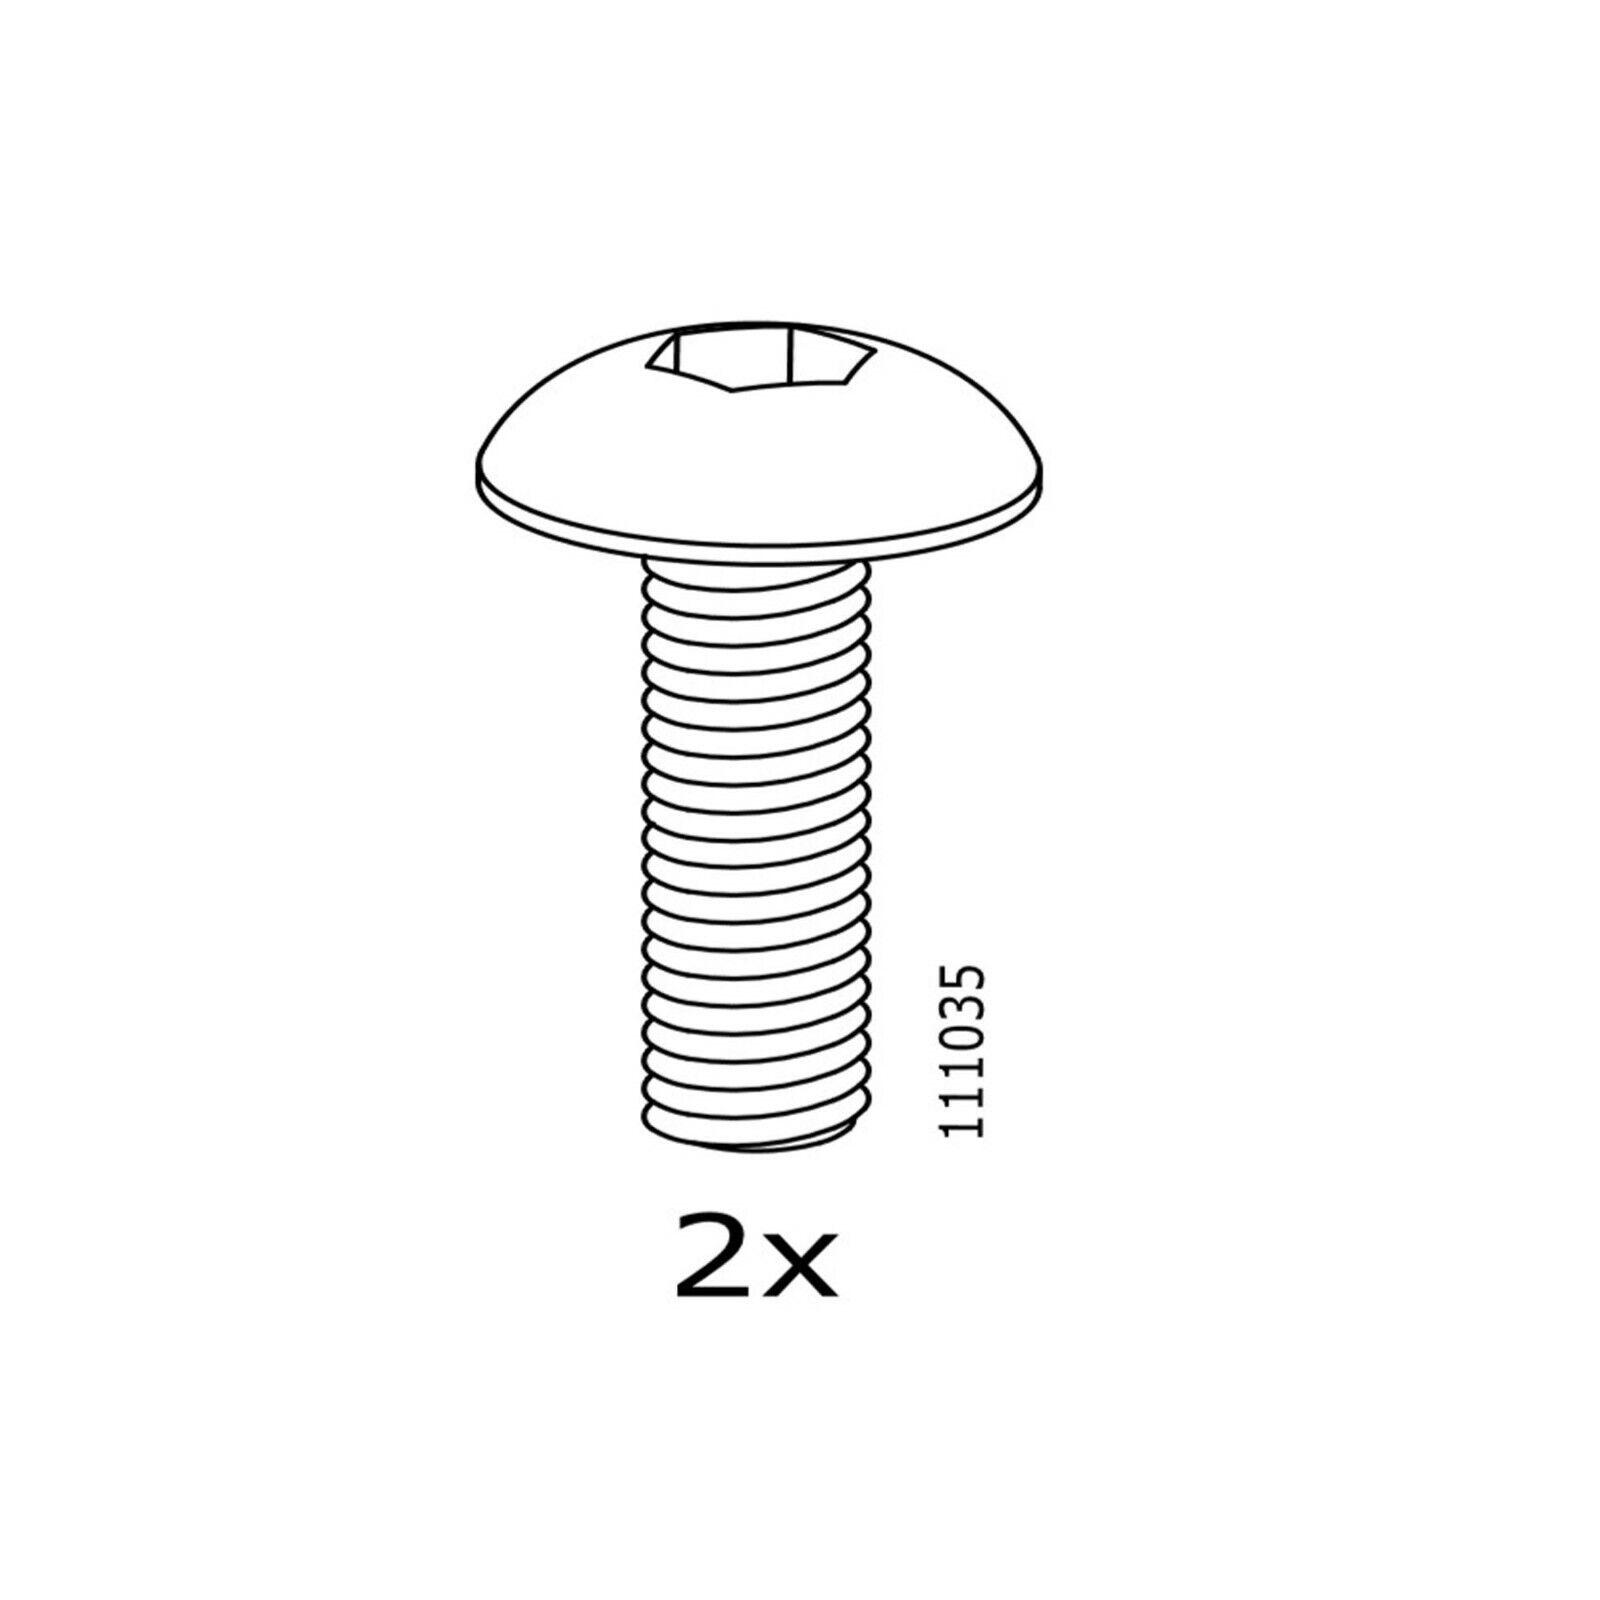 2 IKEA Plastic  Screws Part # 130884